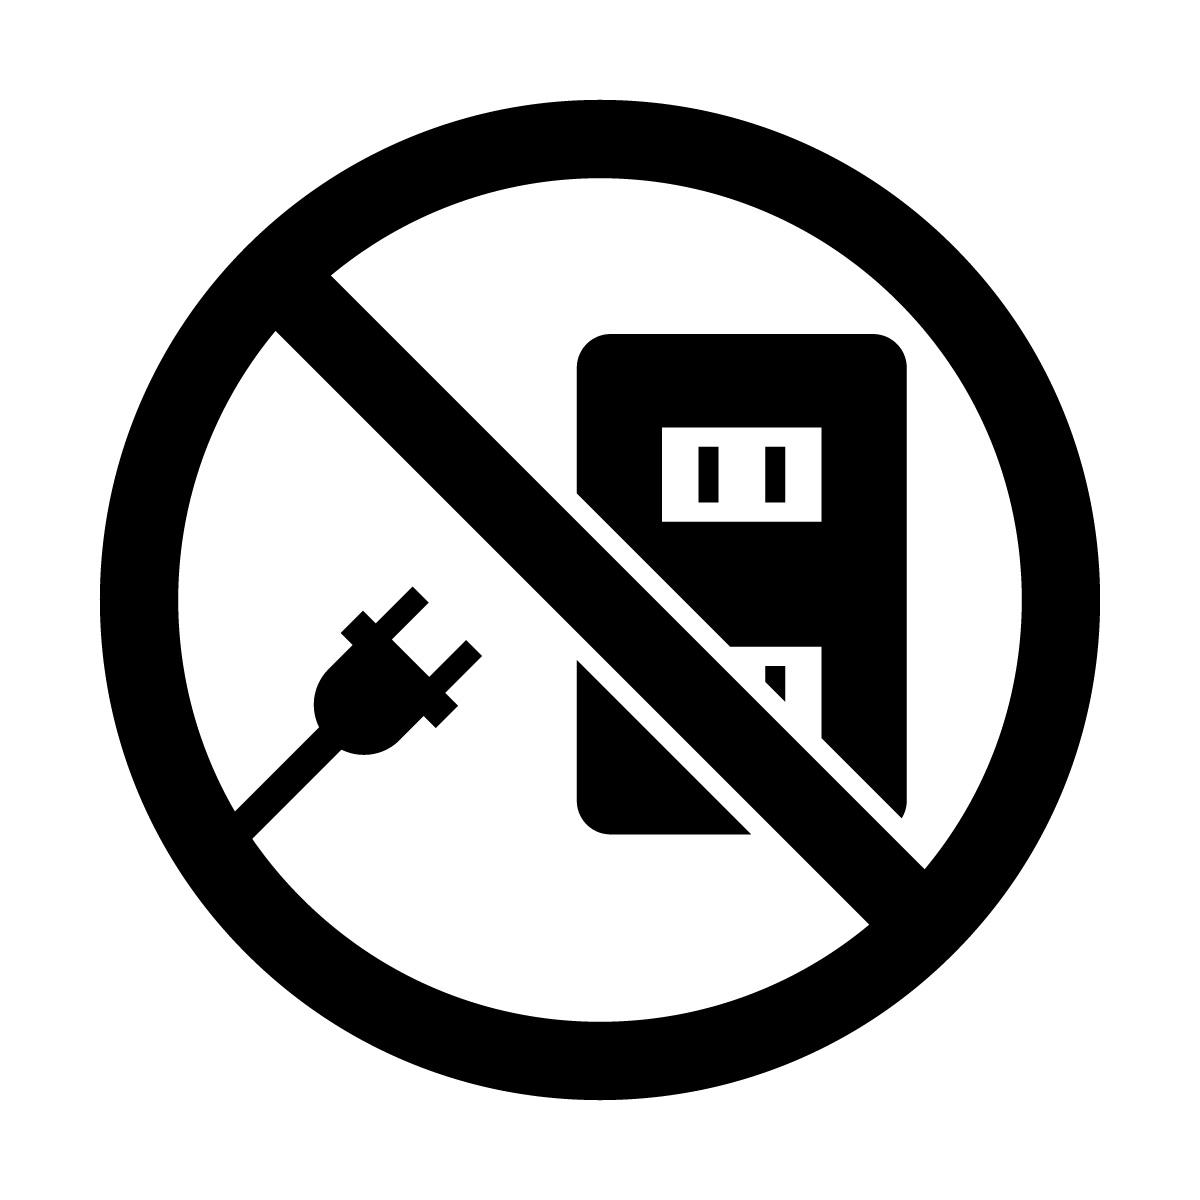 黒いコンセント使用禁止マークのカッティングシートステッカー